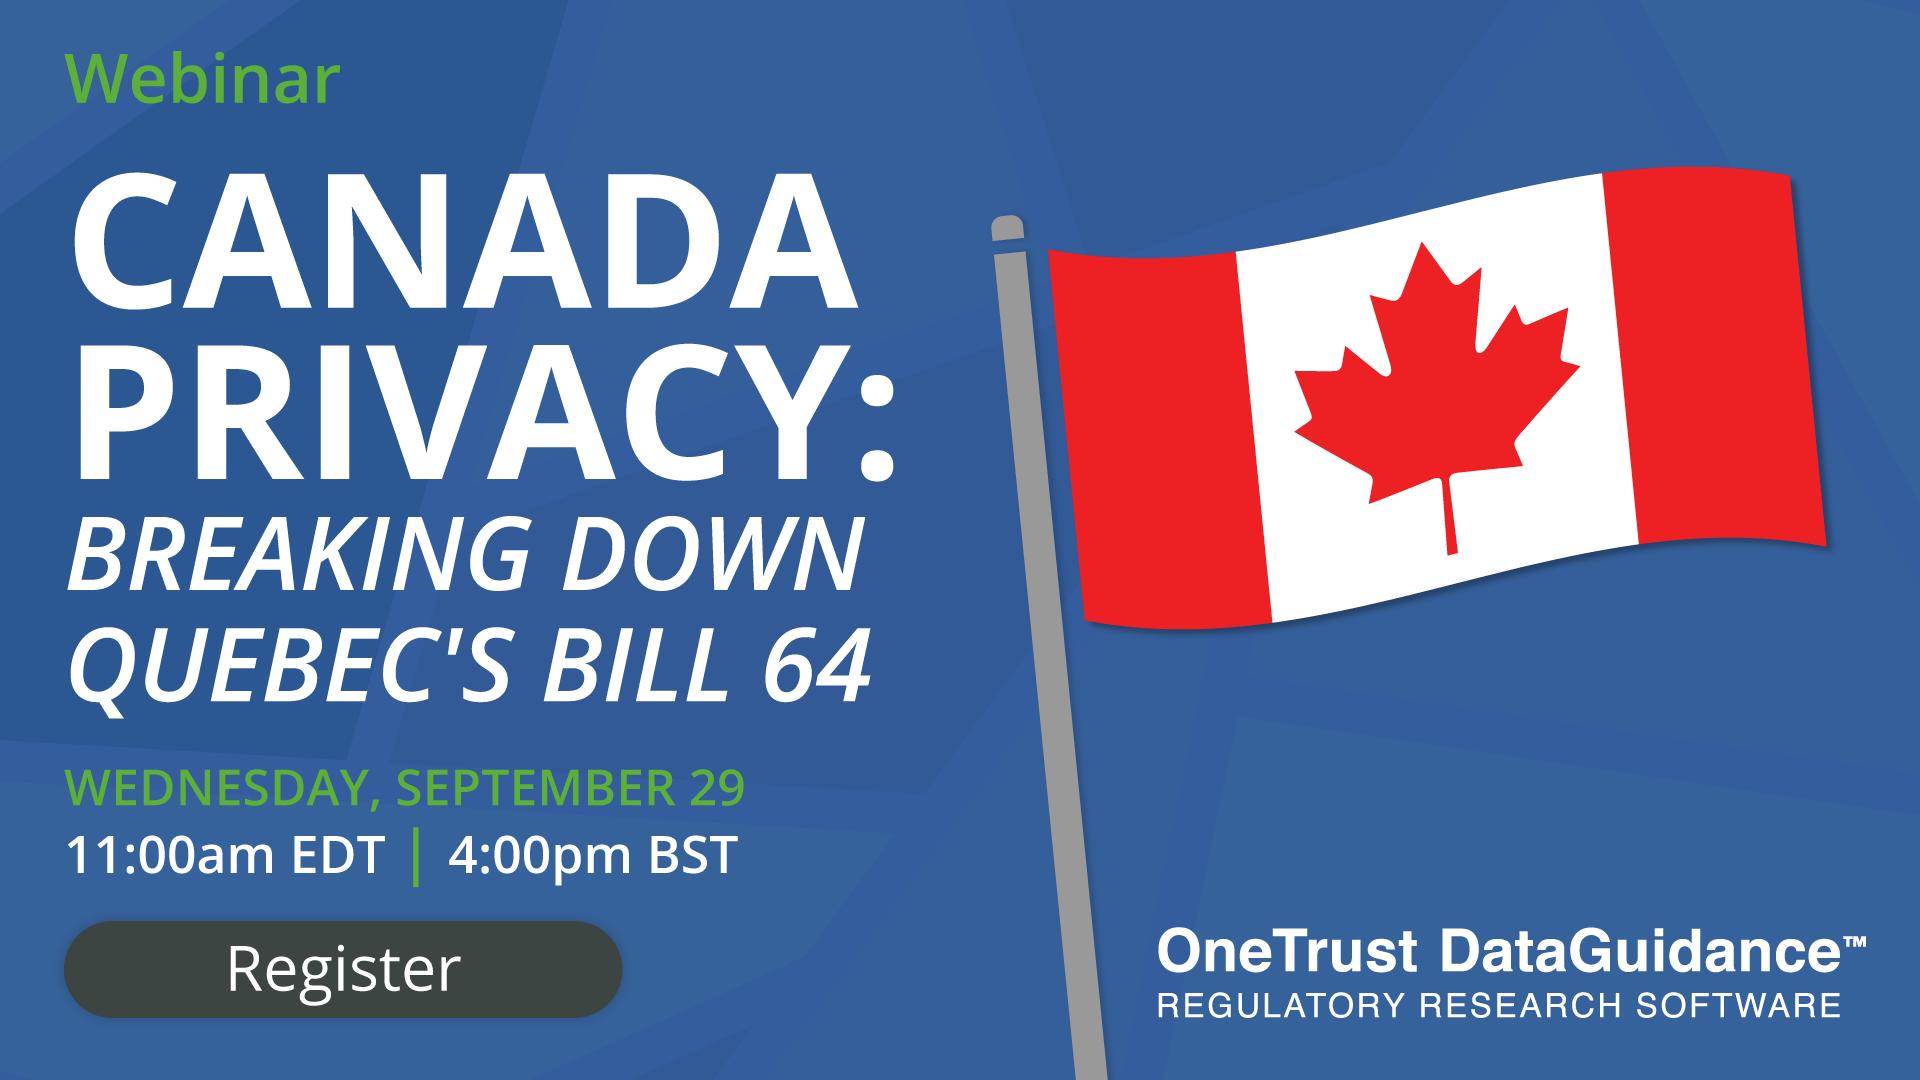 Quebec's Bill 64 Webinar